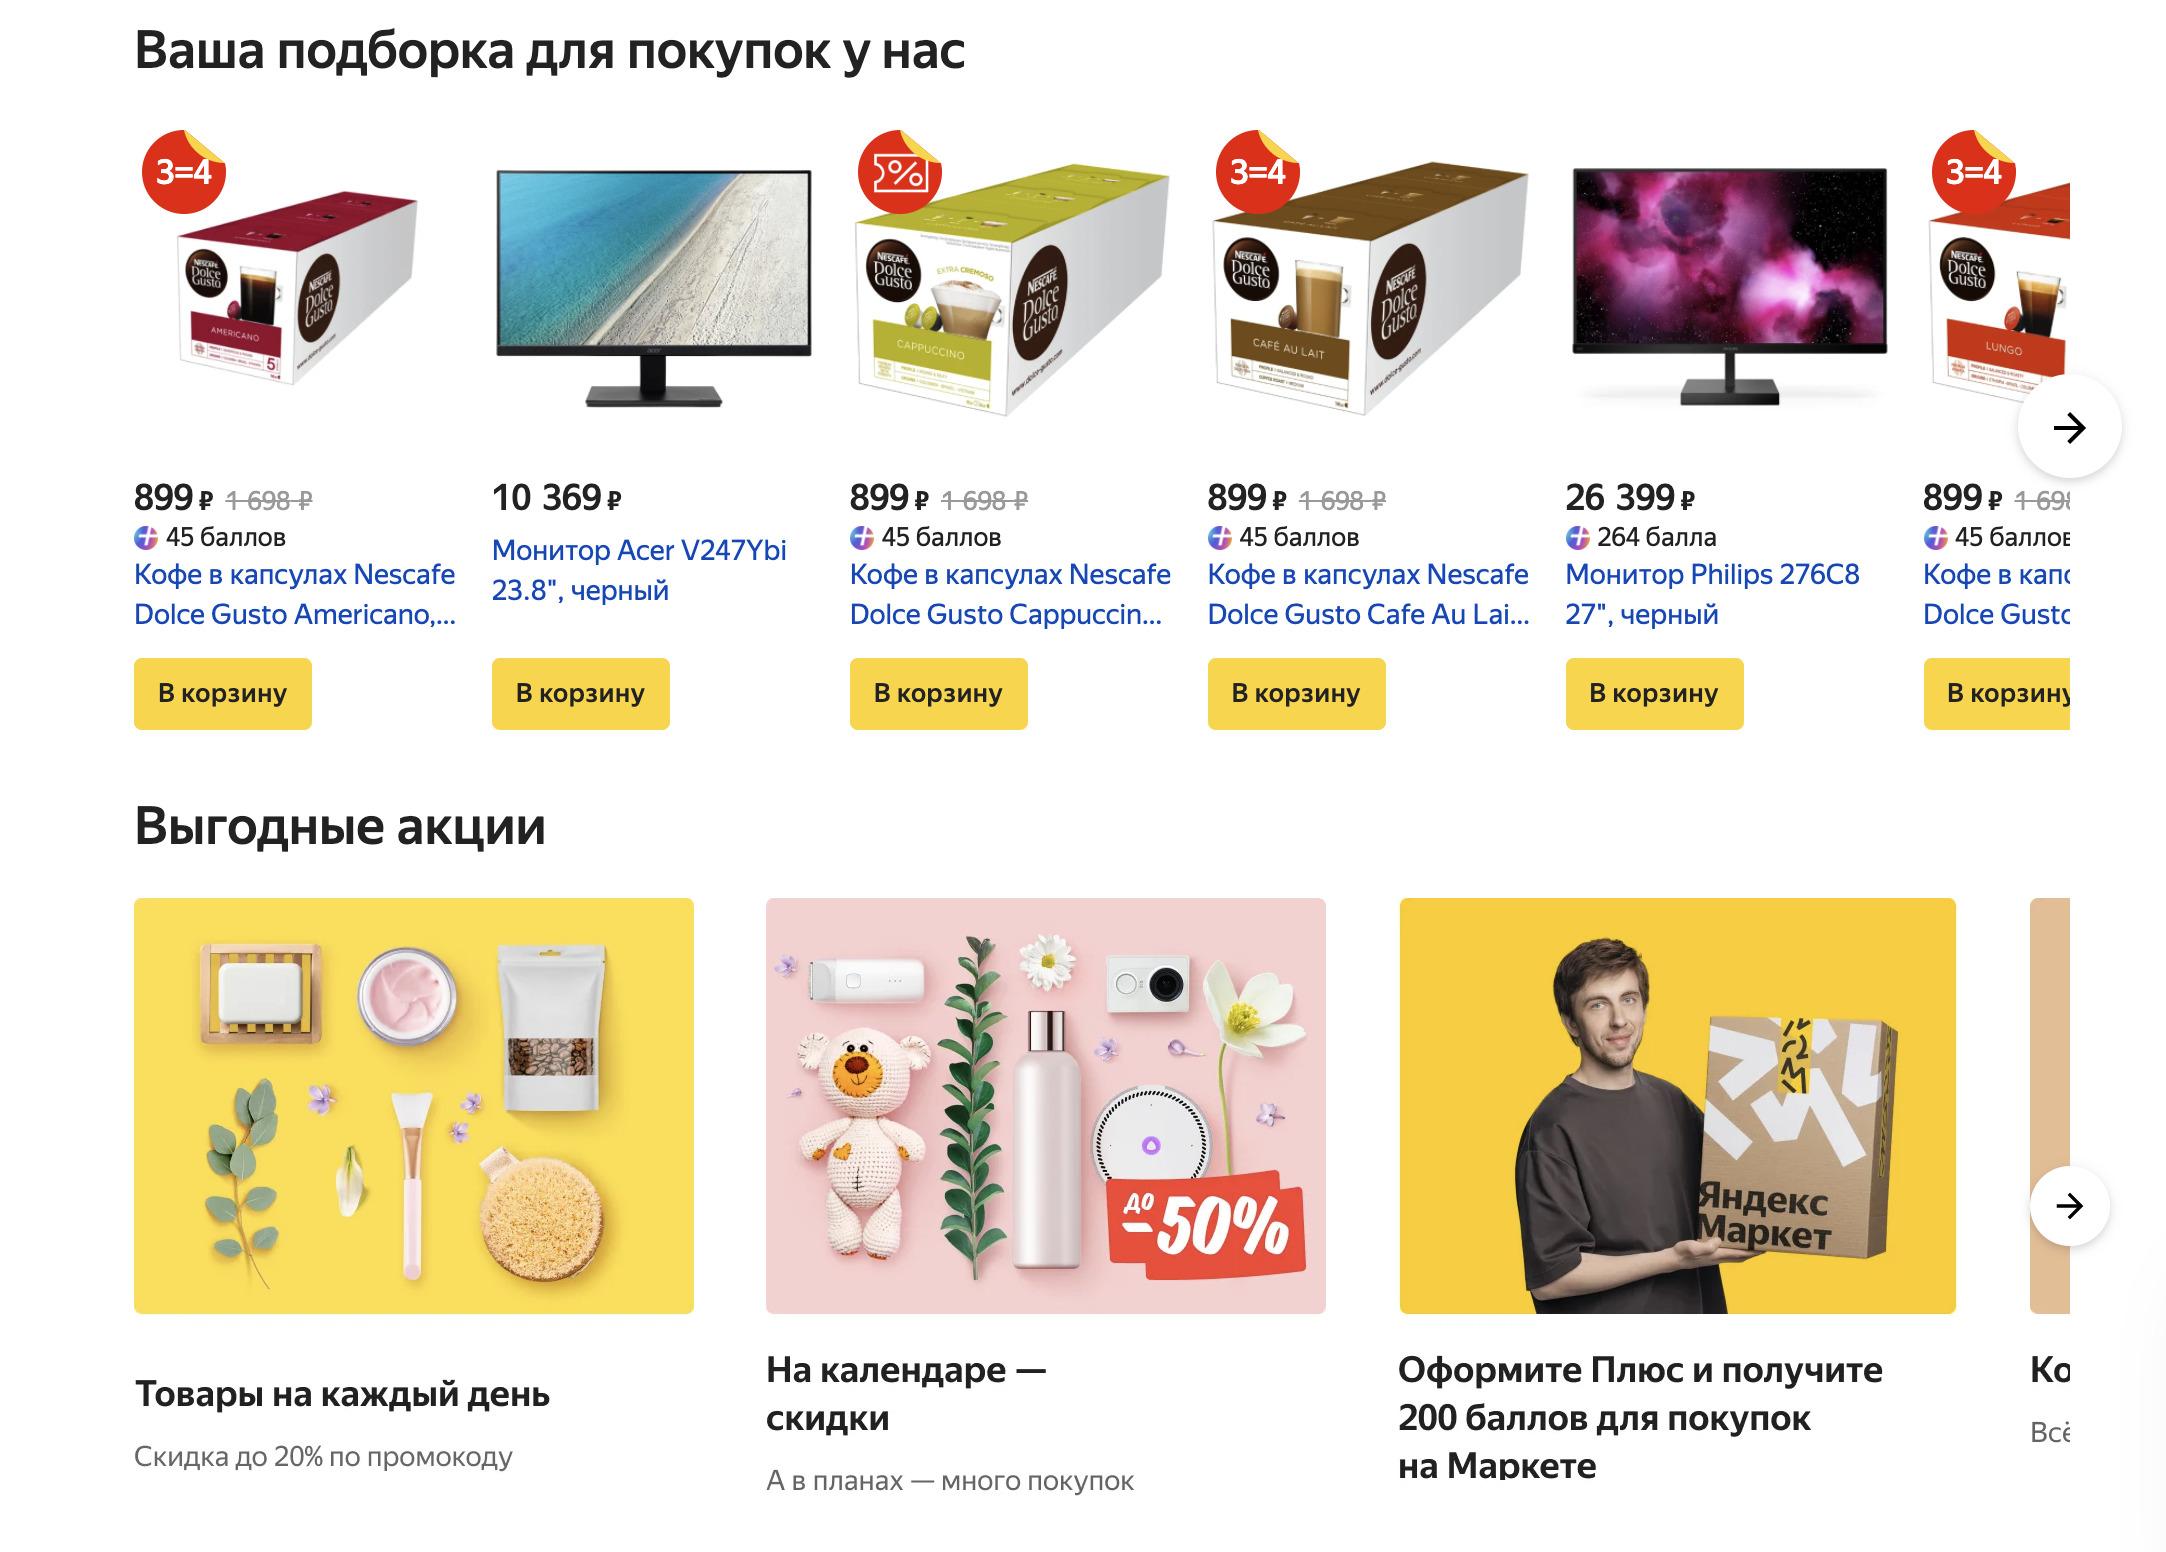 Доставка из Яндекс.Маркет в Волгоградскую область, сроки, пункты выдачи, каталог